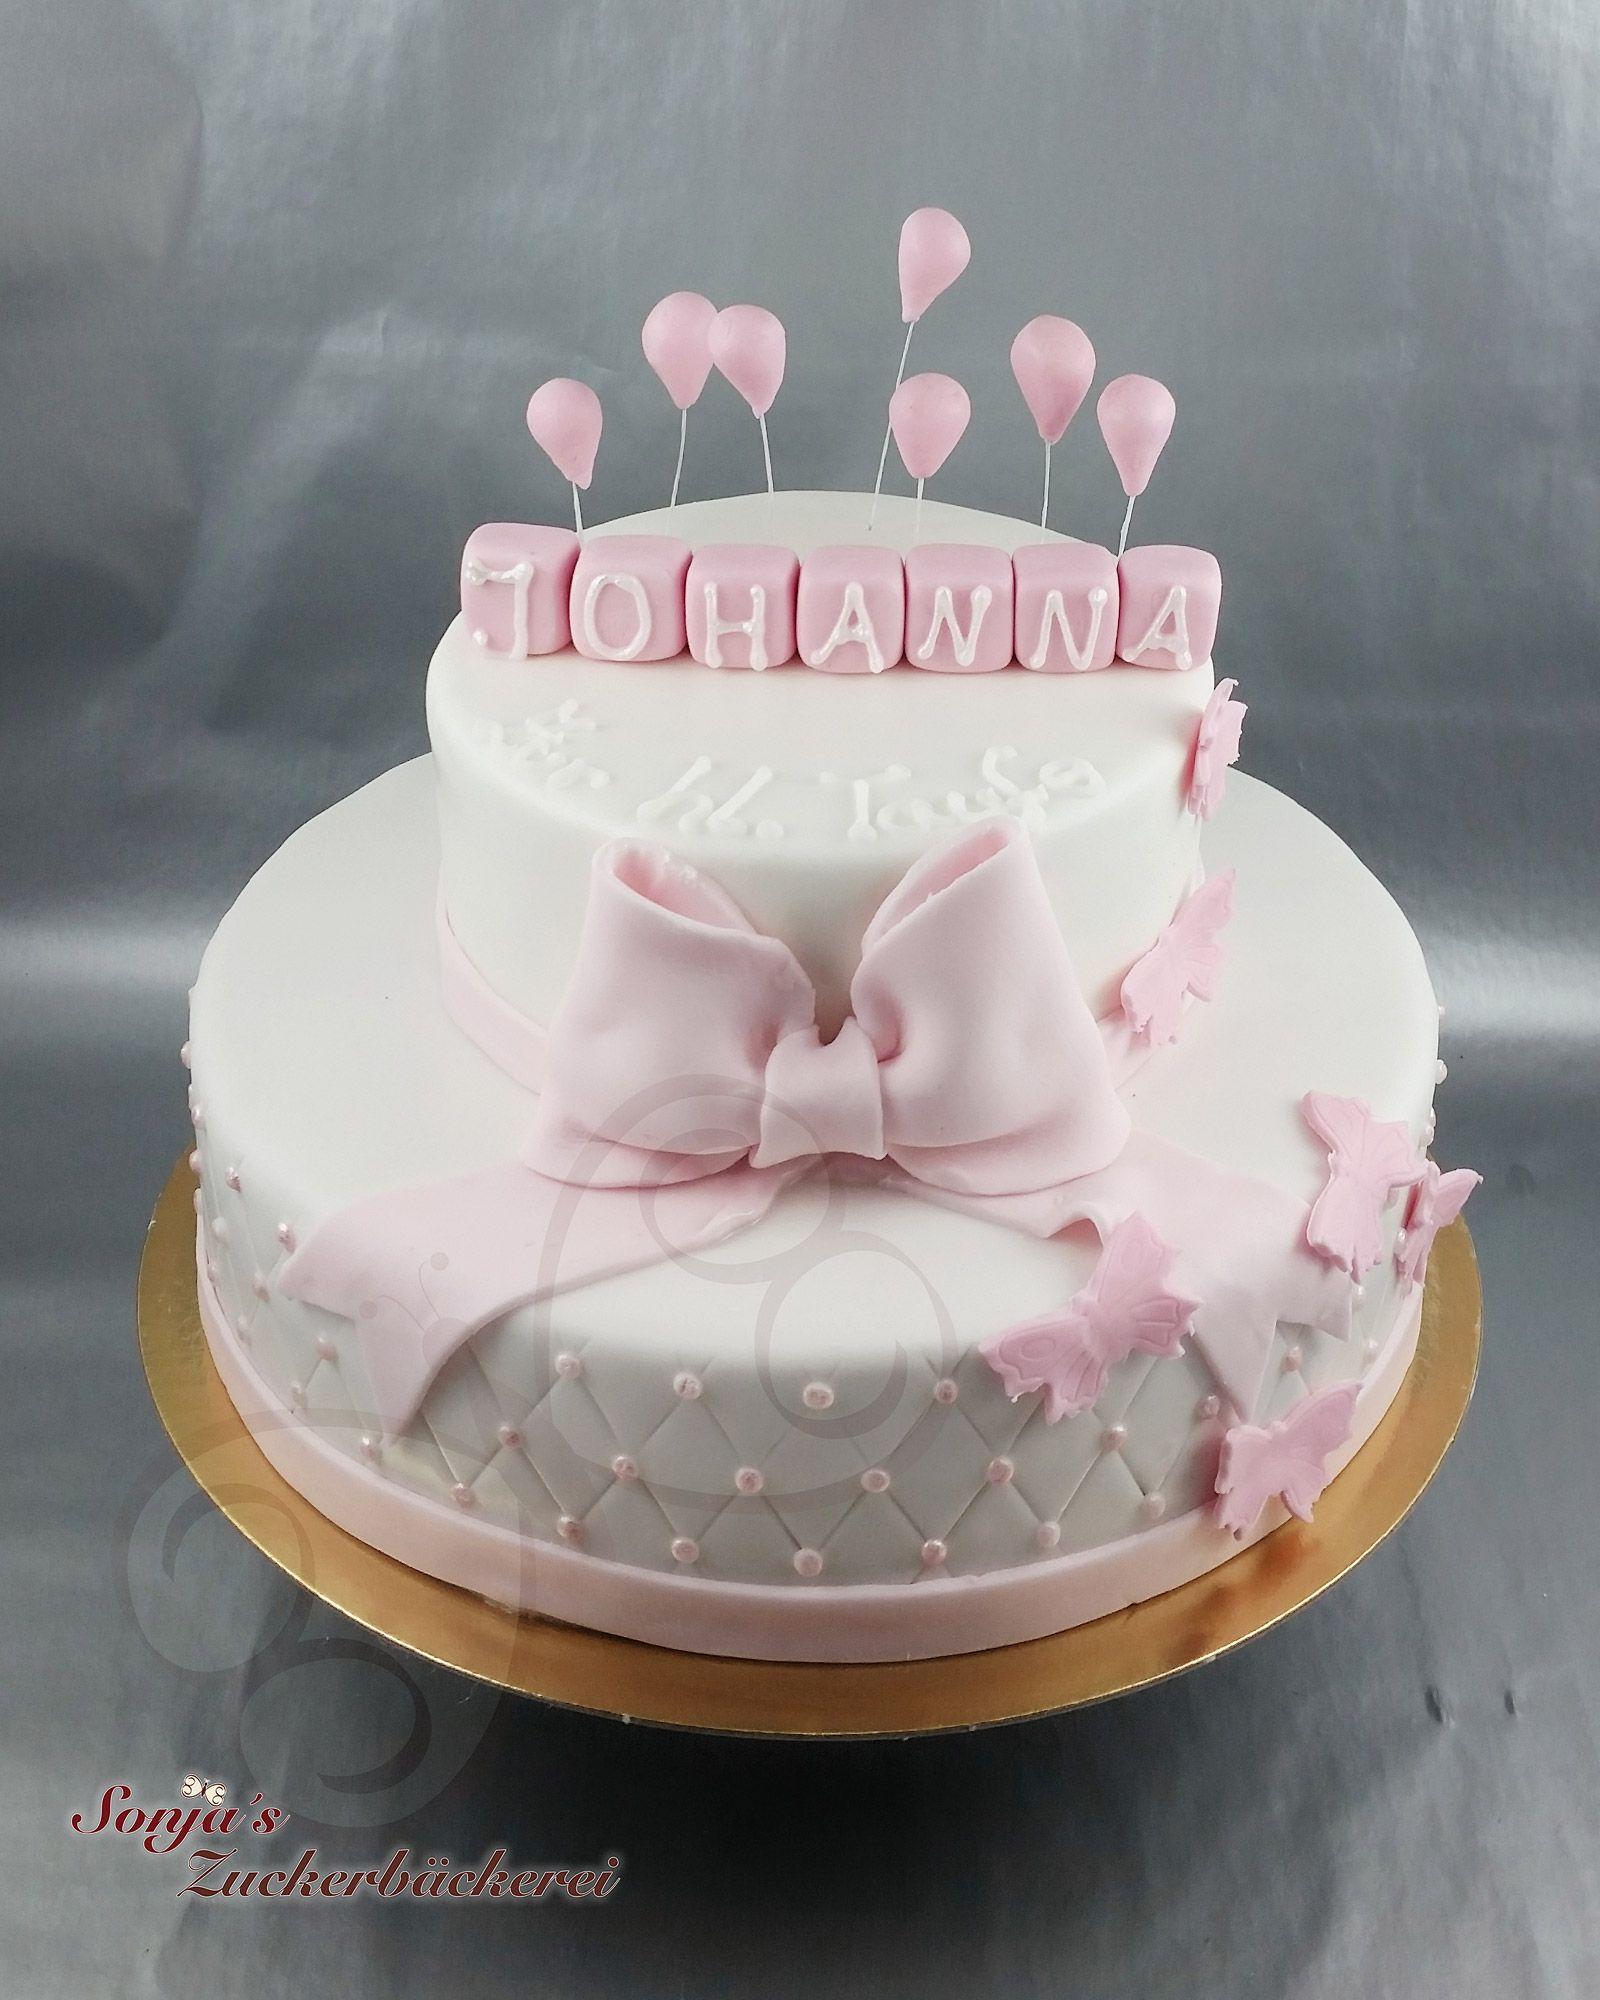 Torte Zur Taufe Mit Schmetterlinge Torte Taufe Taufe Kuchen Madchen Taufe Kuchen